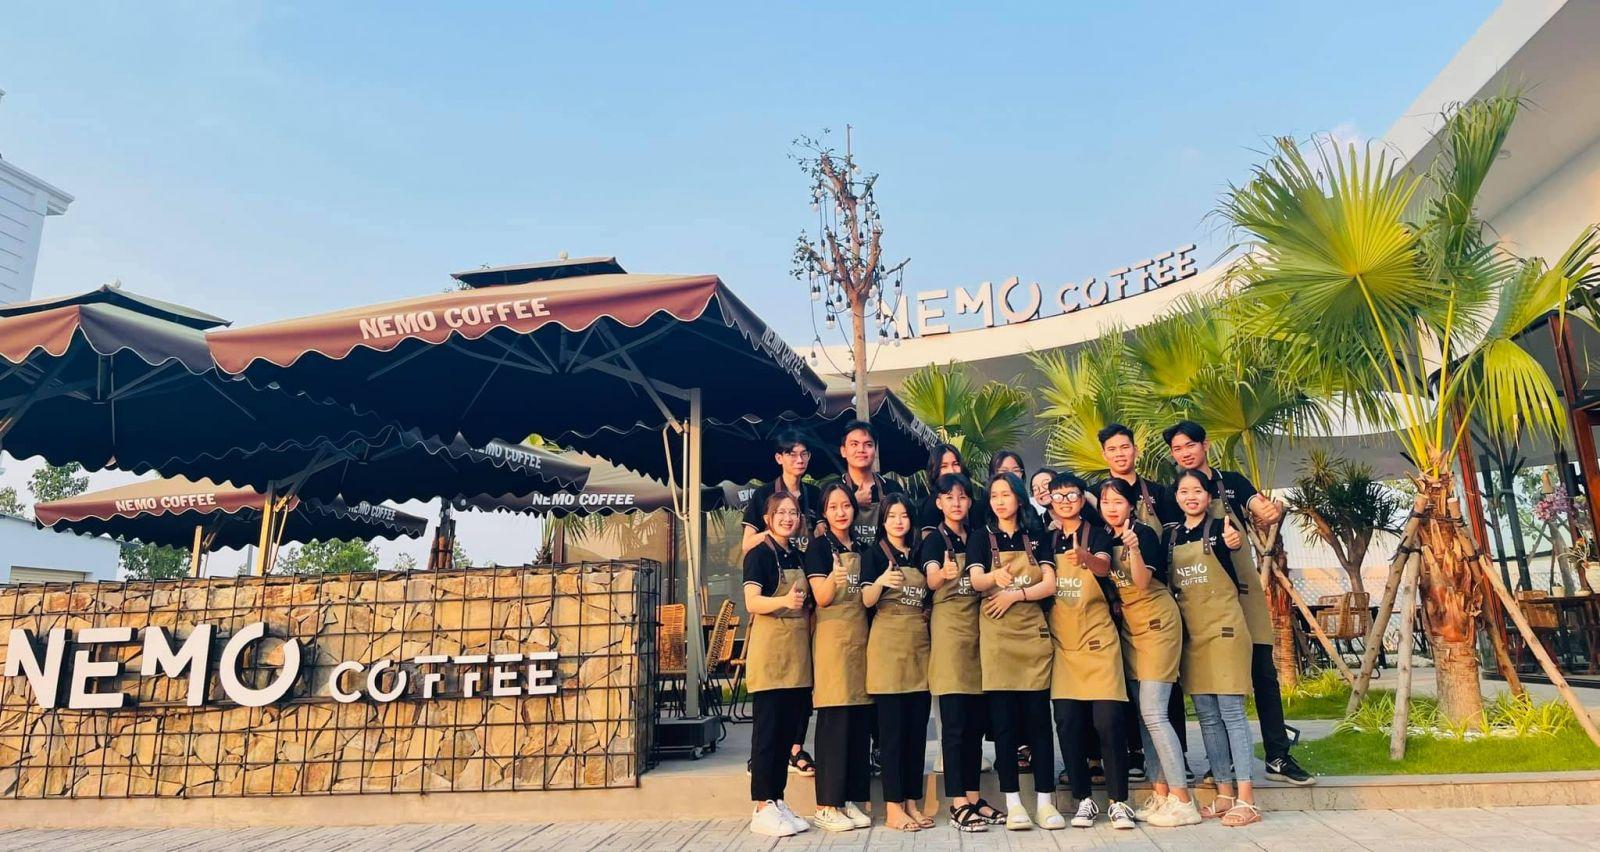 Thi-cong-quan-cafe-nemo-3